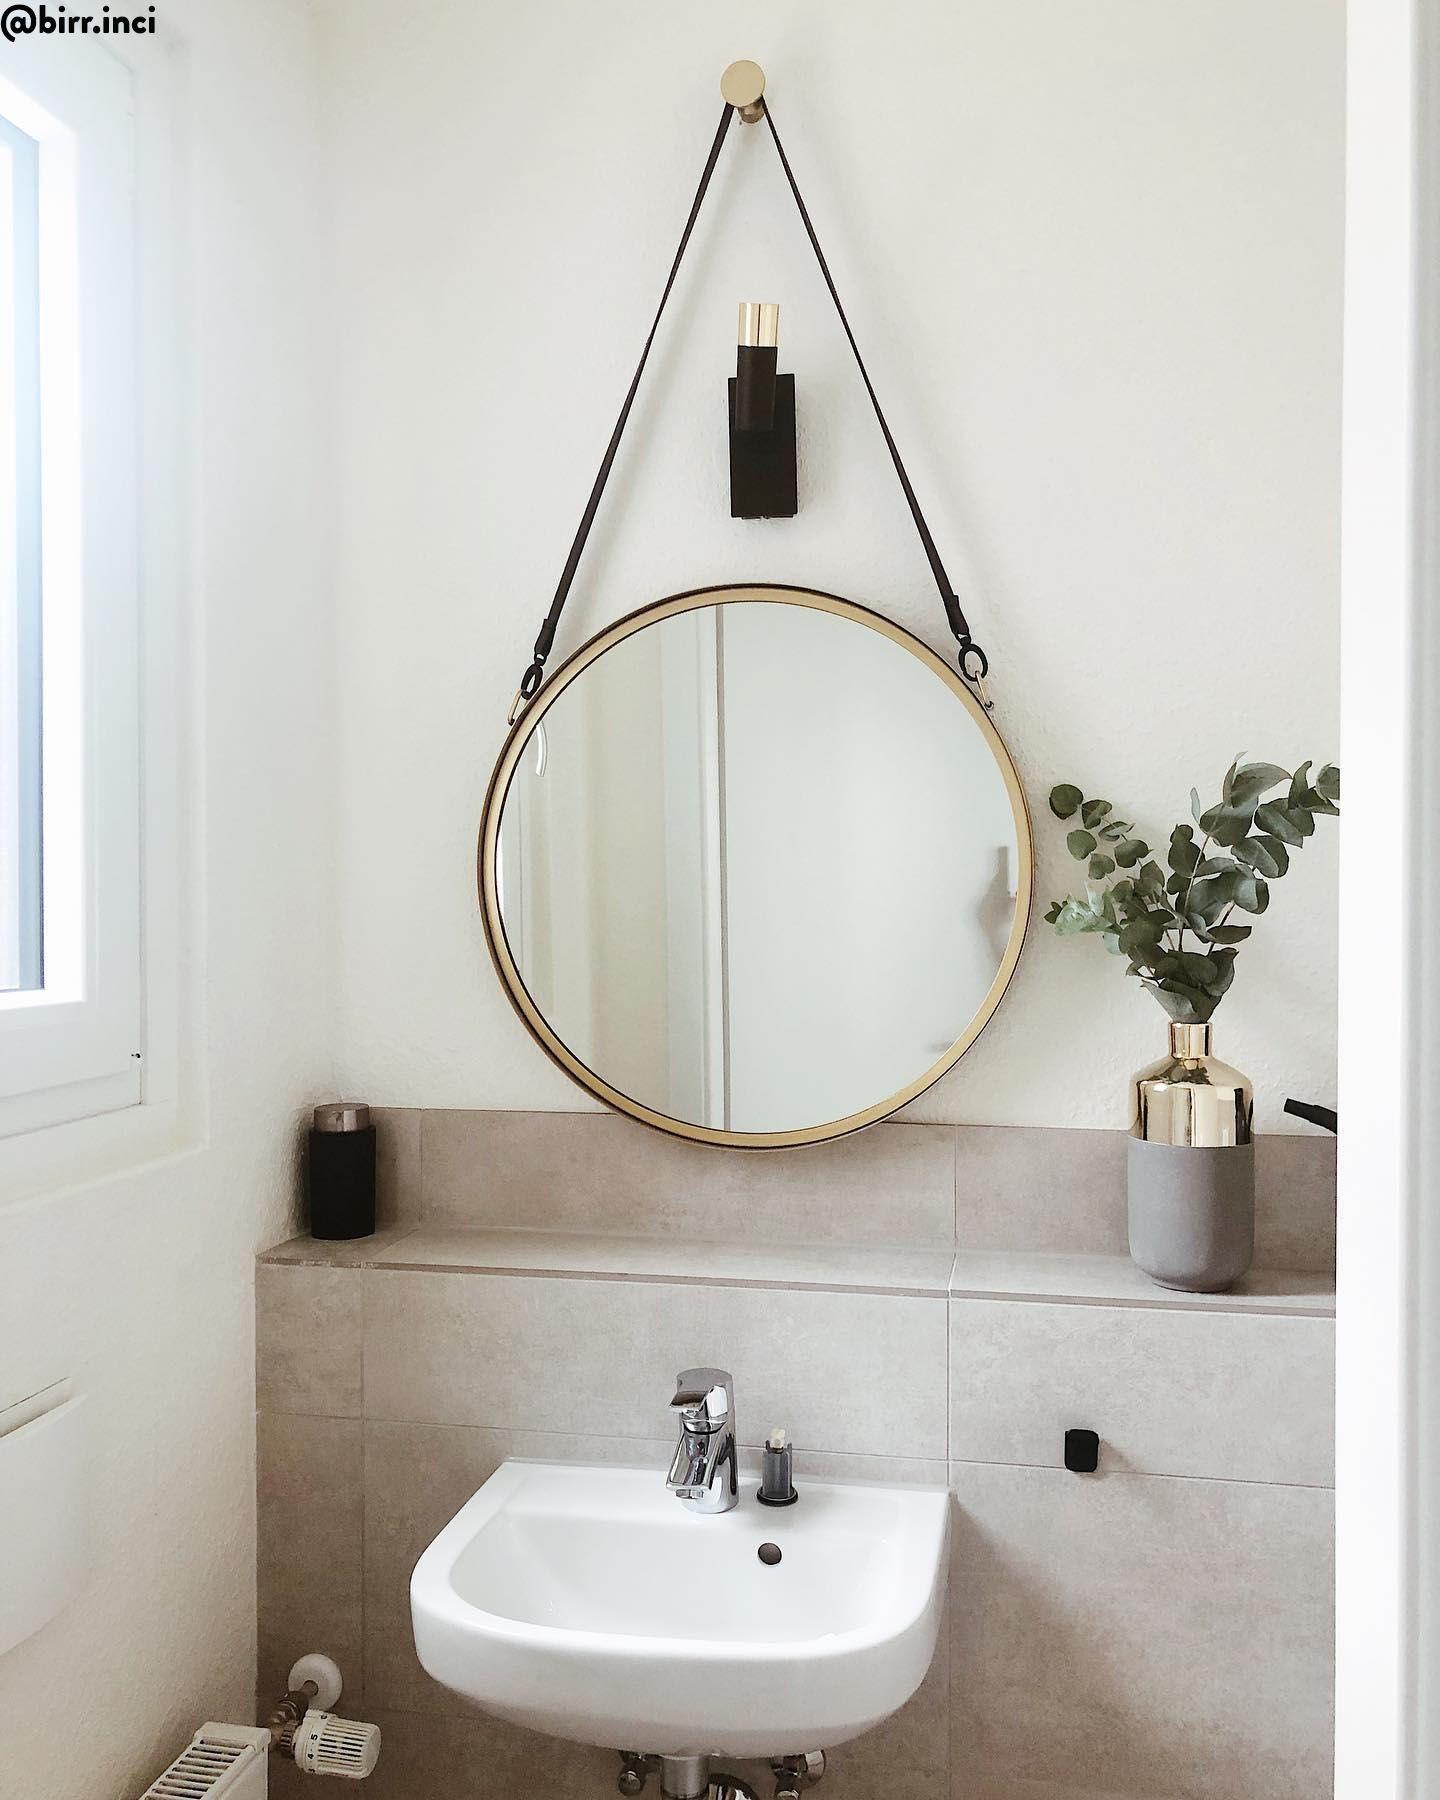 Get Ready With Style Der Wandspiegel Liz Passt Mit Seinem Runden Design Perfekt In Diese Einzigartige Schminkecke Ei Wandspiegel Wandspiegel Rund Badezimmer